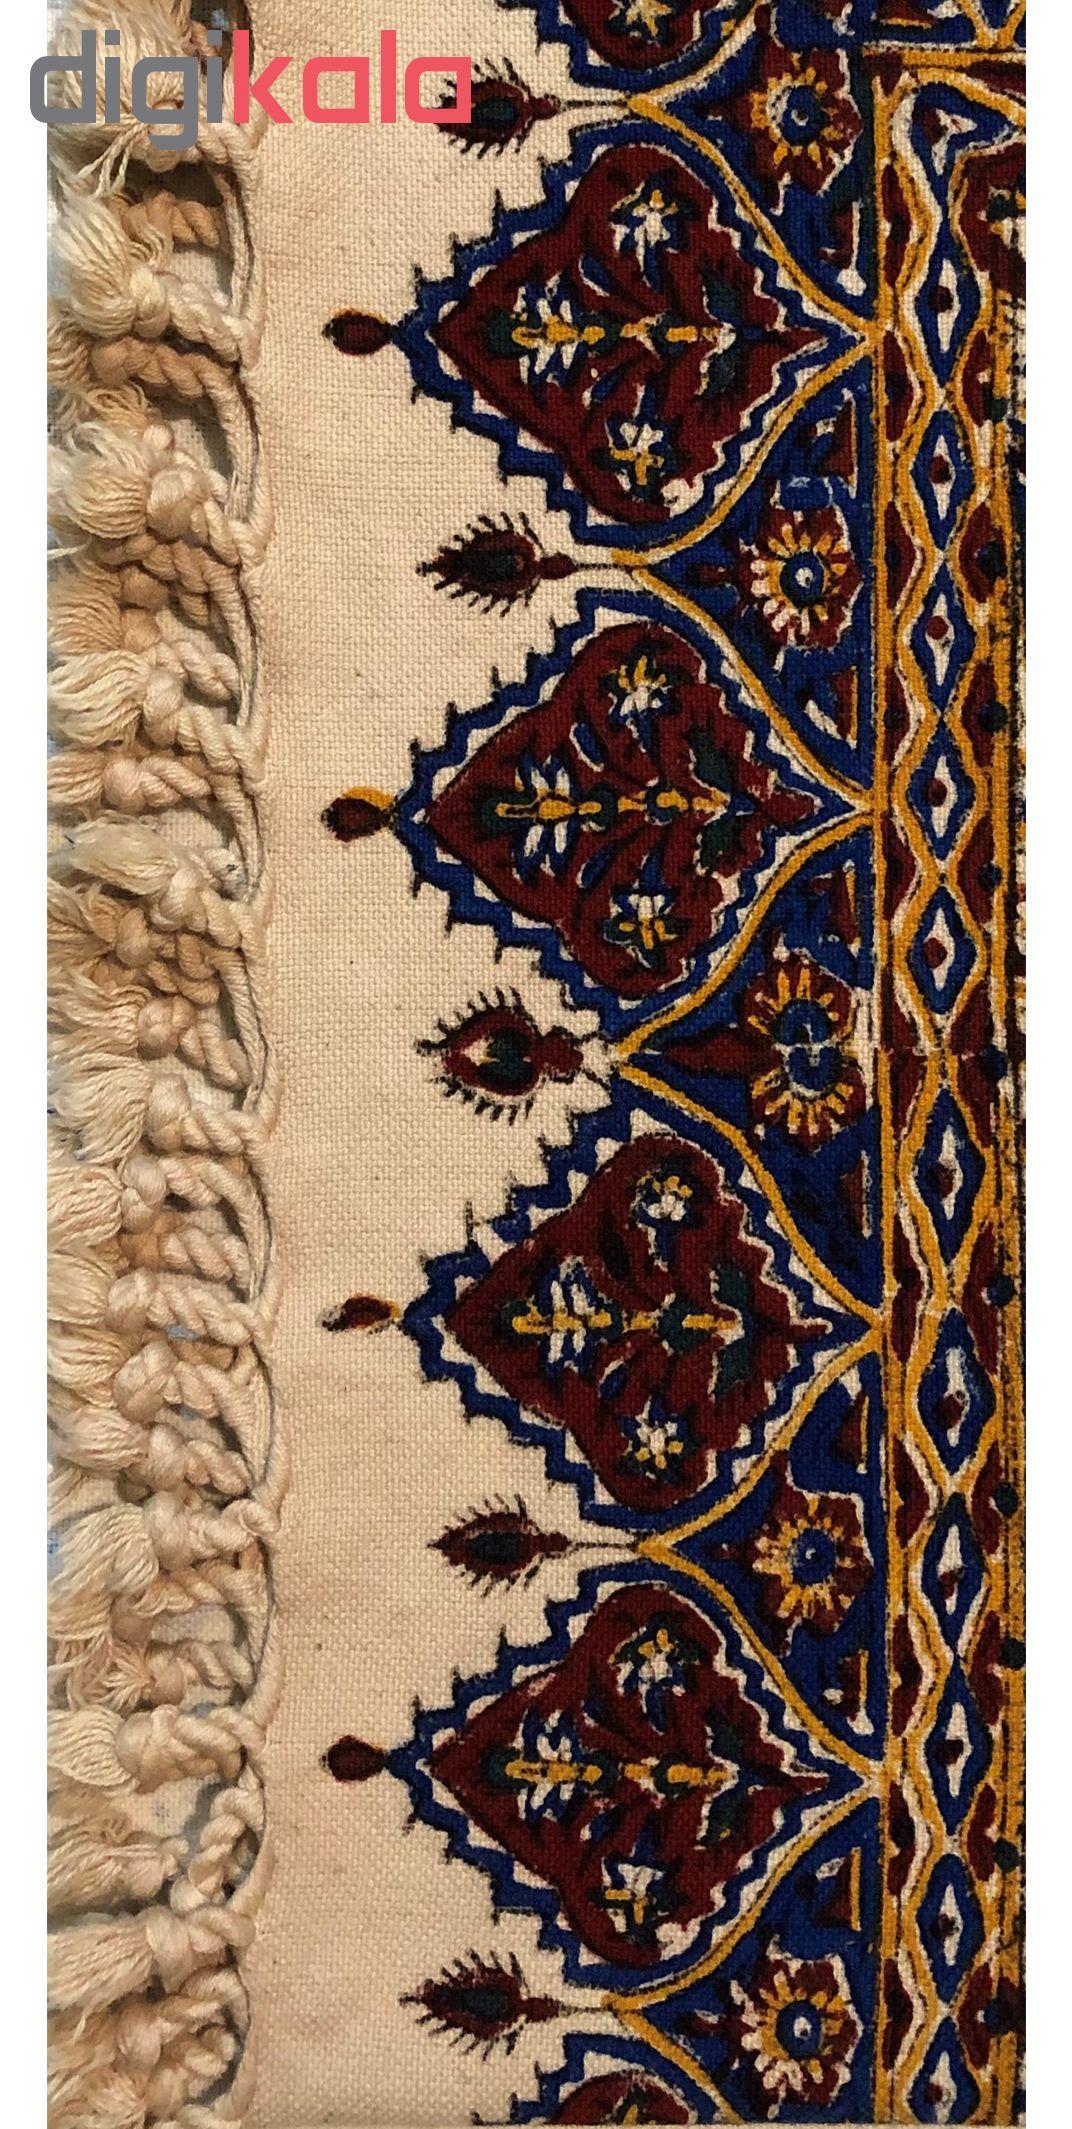 خرید                      رومیزی قلمکار ممتاز اصفهان اثر عطريان طرح ماهیچه مدل G133 سایز 80*80